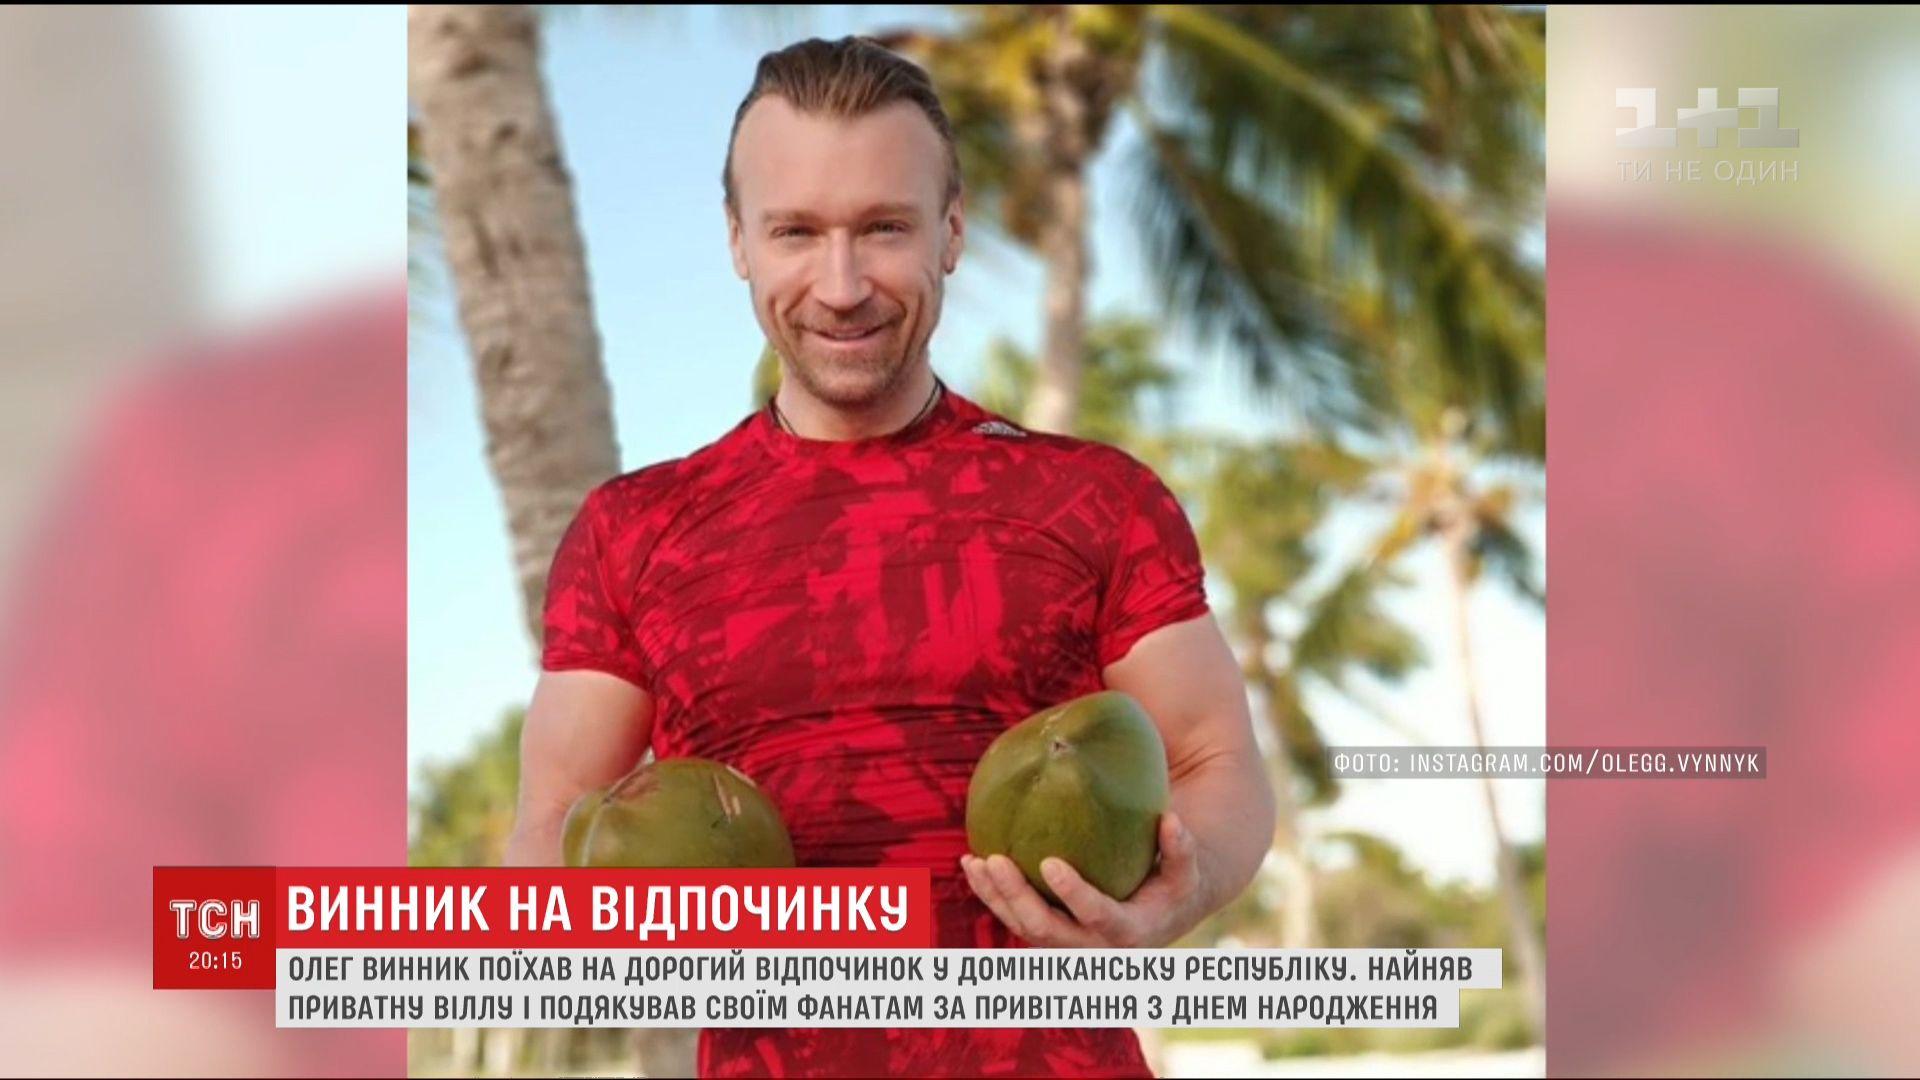 Винник подякував фанатам за привітання / Кадр з відео ТСН